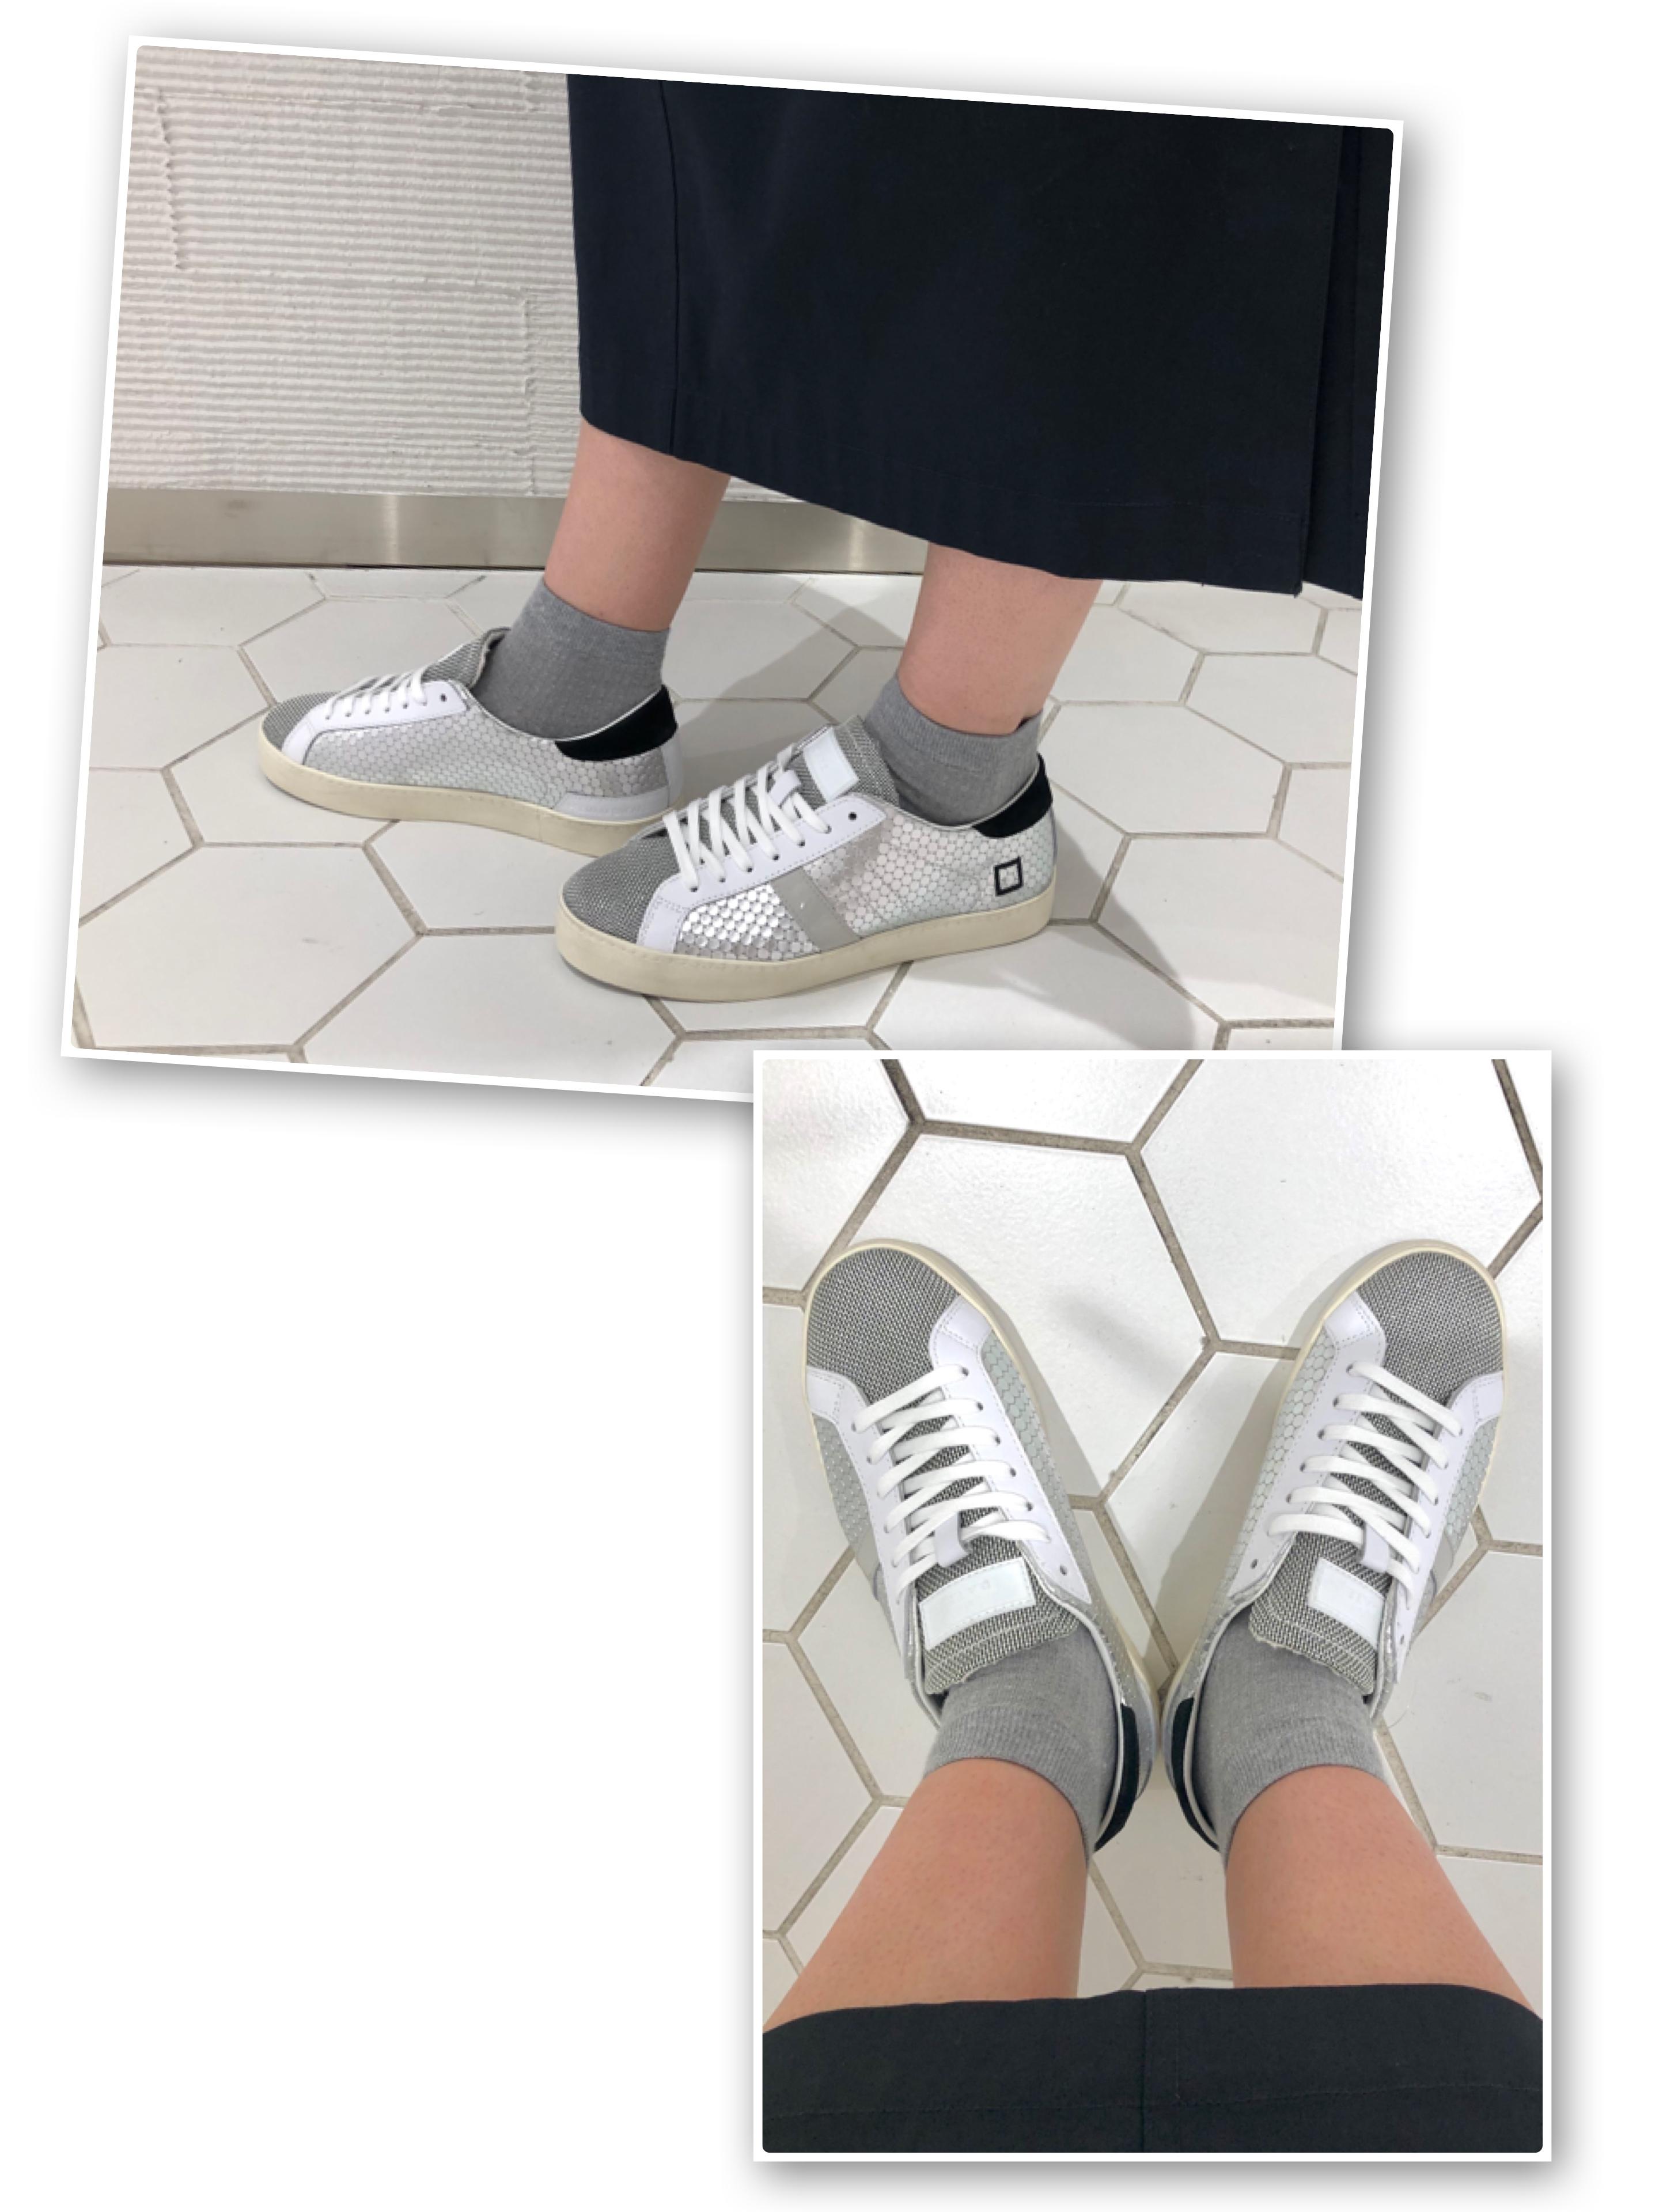 スクラップブック scrapbook  Scrap Book 池袋東武 セレクトショップ 可愛い カワイイ かわいい お洒落 オシャレ おしゃれ 靴 シューズ  履きやすい 日本製  スニーカー D.A.T.E.